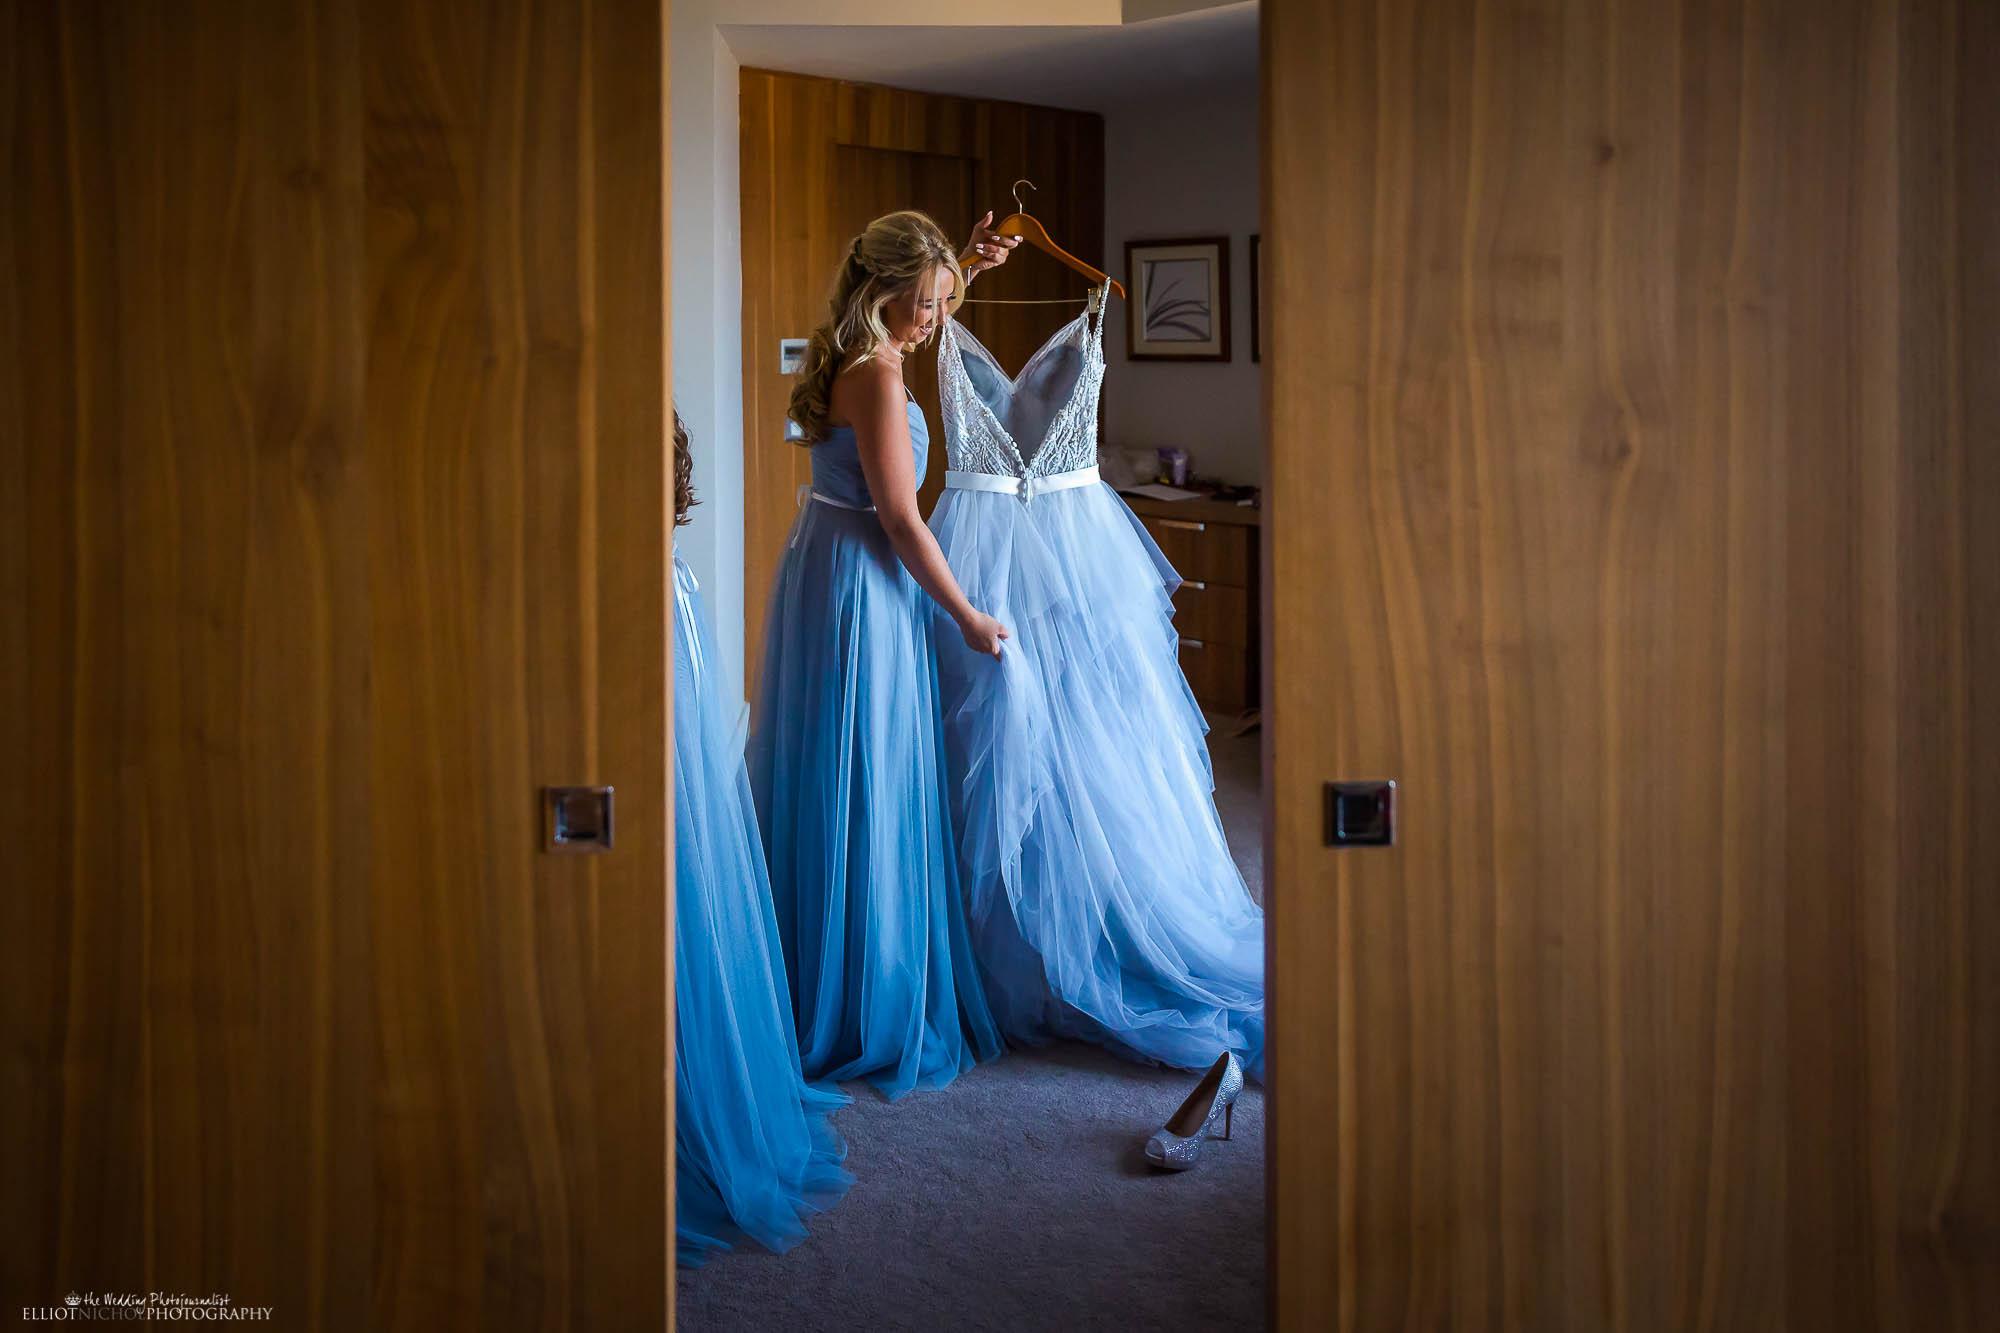 Bridesmaid holding brides blue wedding dress. Newcastle Upon Tyne based wedding photographer Elliot Nichol.